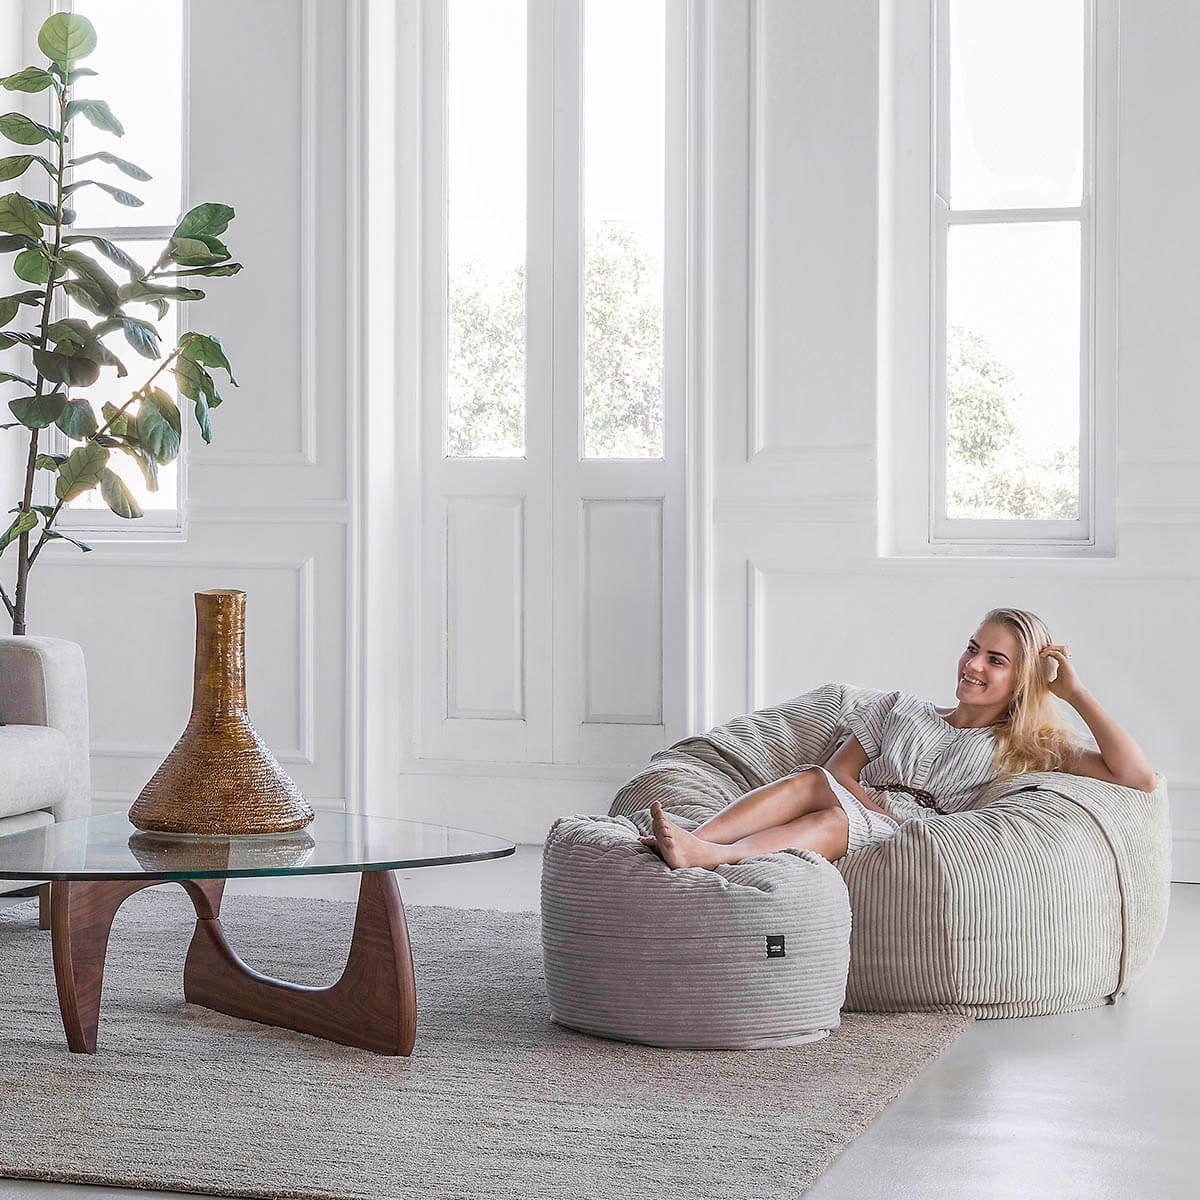 Sitzsack CORD Sitzen, Wohnzimmer gemütlich und